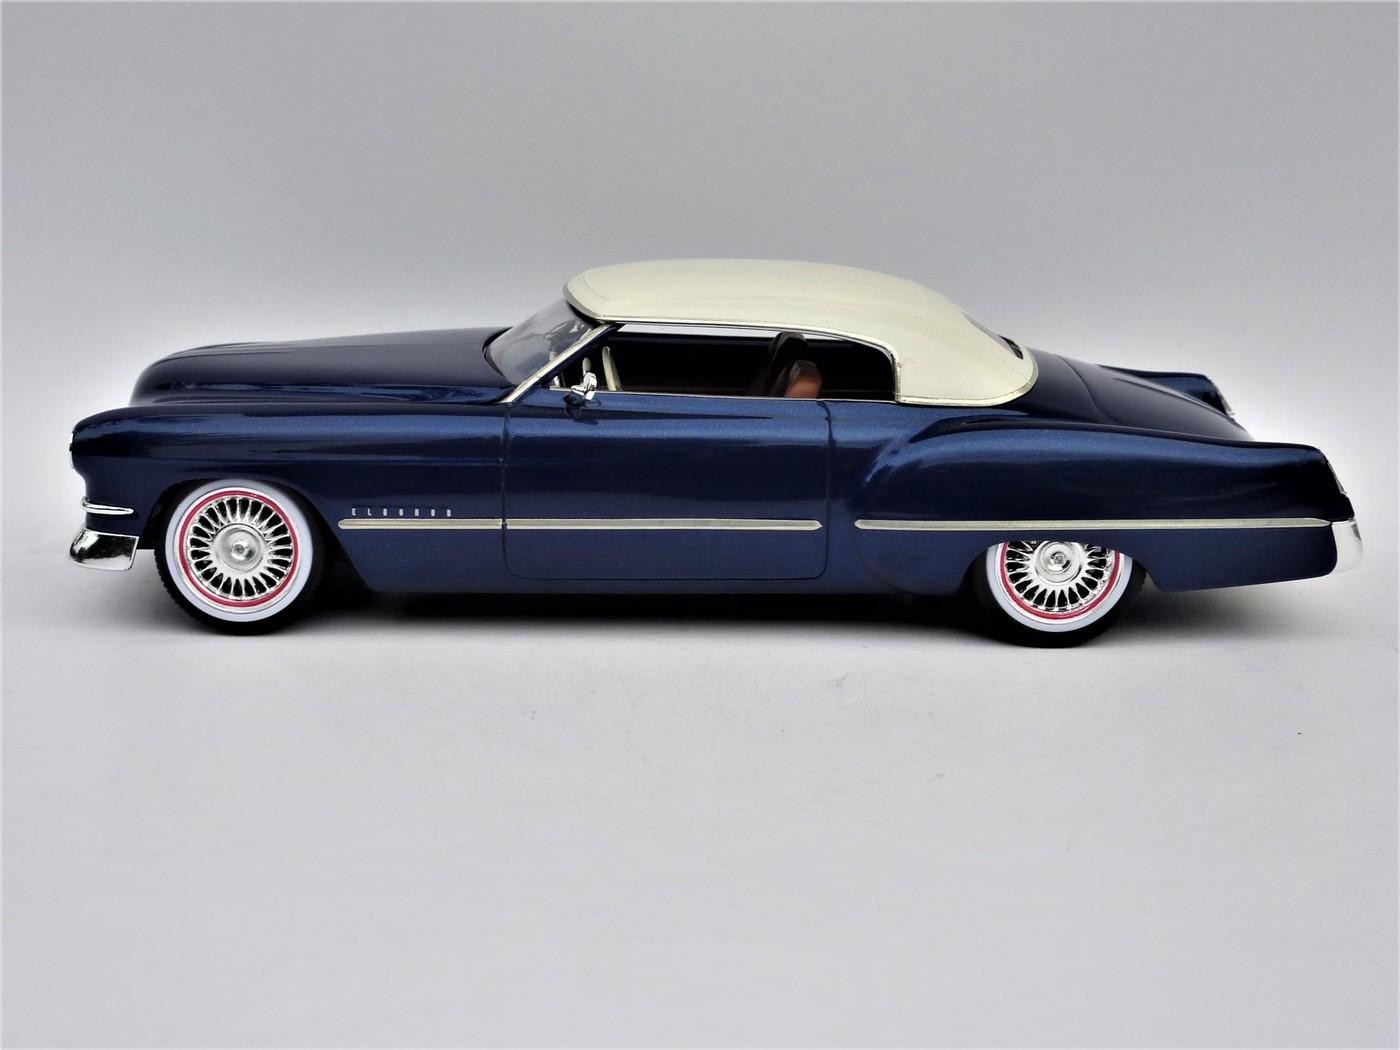 Projet Cadillac 48 Foose  - Page 2 Photo7-vi